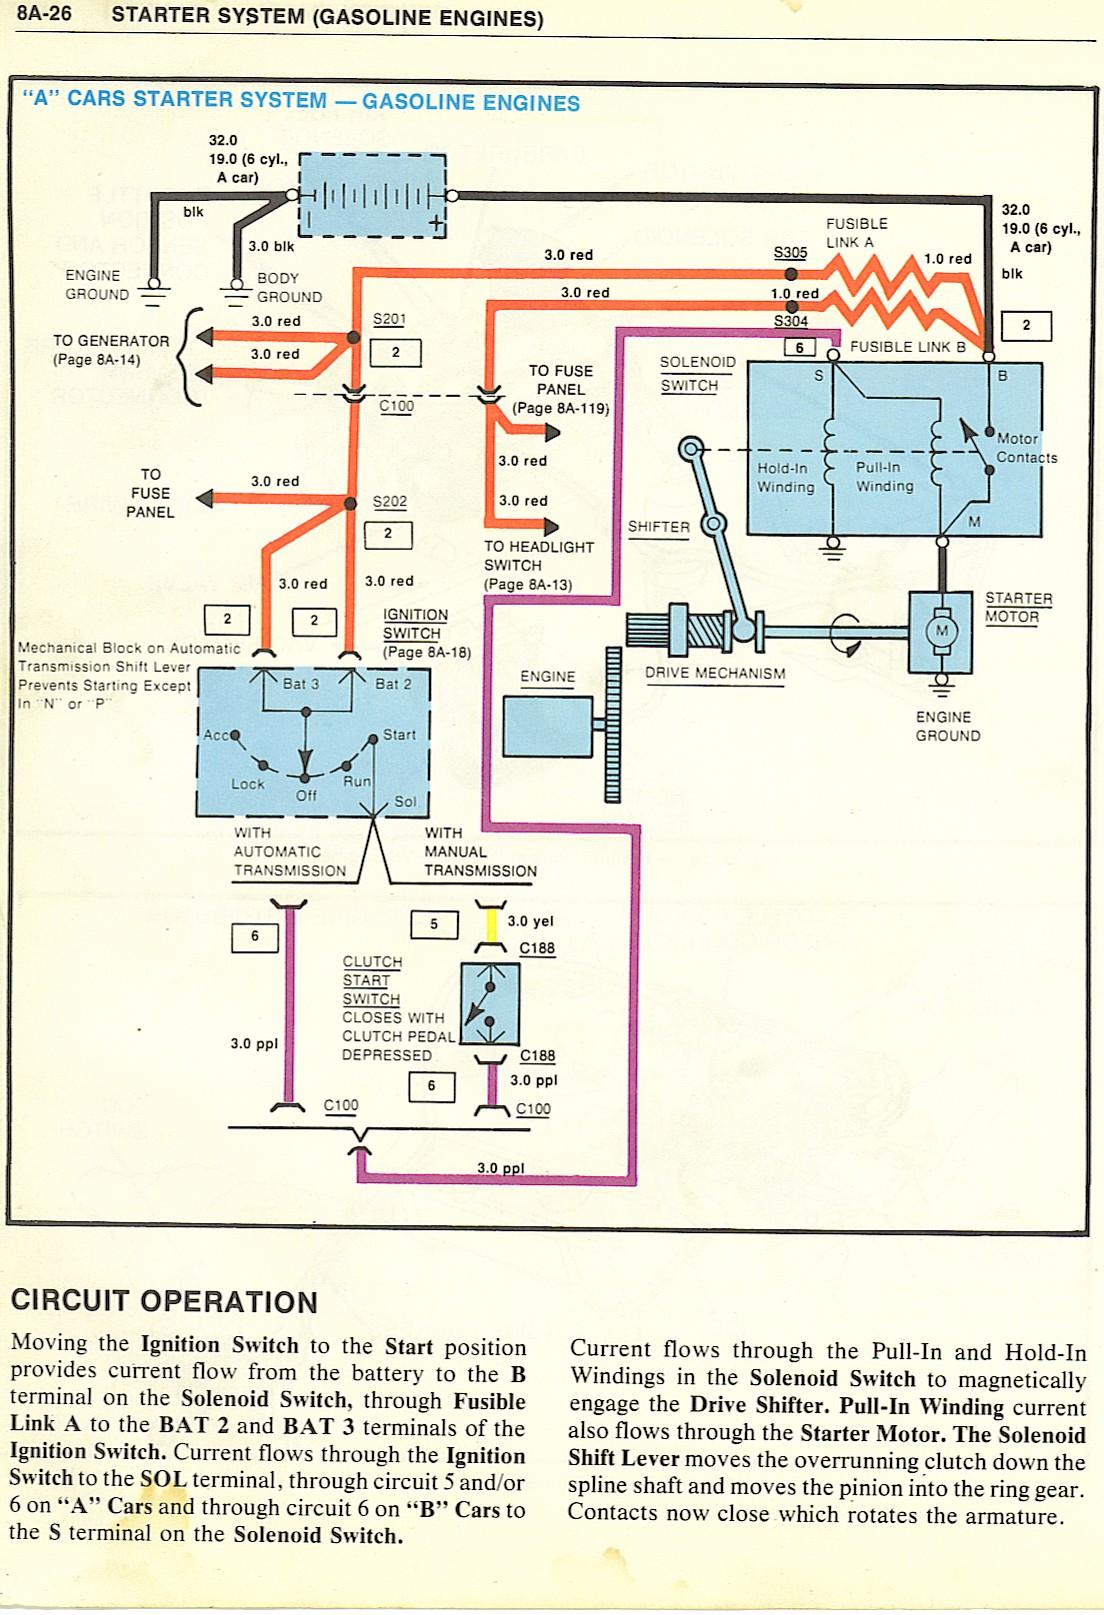 Starter Motor Components